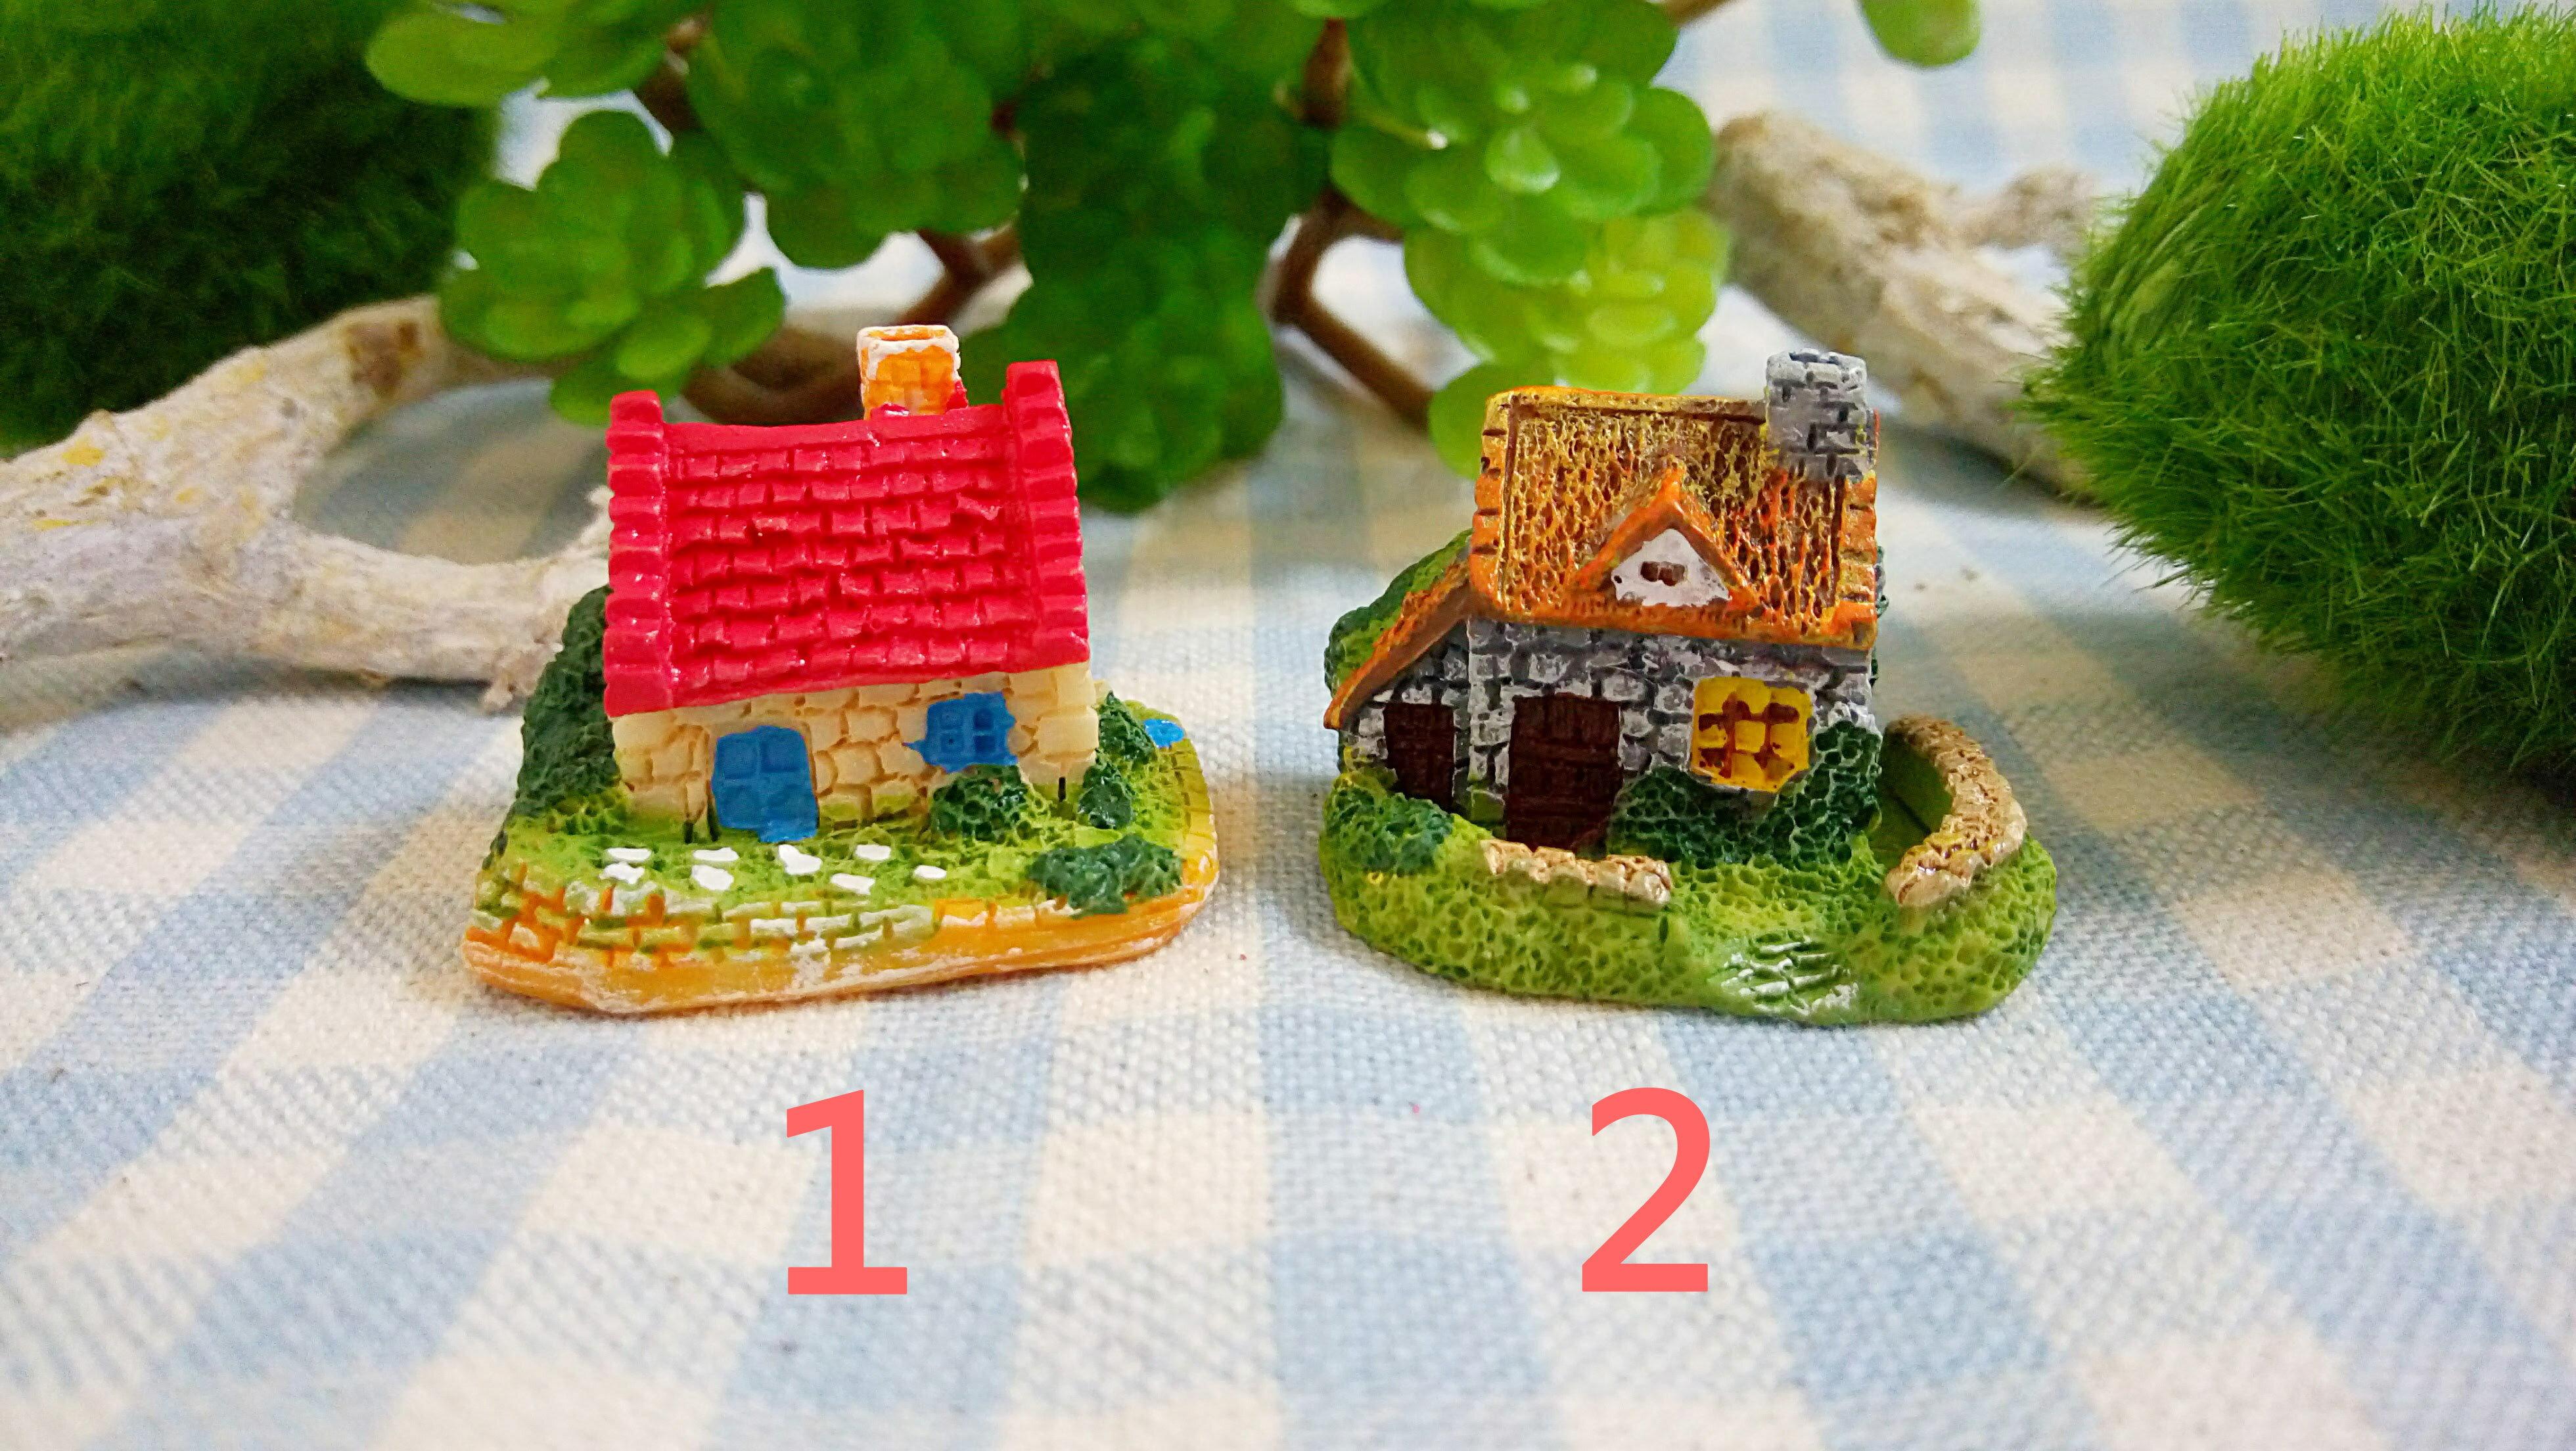 可愛鄉村風英式別墅 小款 高約2.2cm 共2款 特價一個40元 仙人掌裝飾 多肉 擺飾 小房子